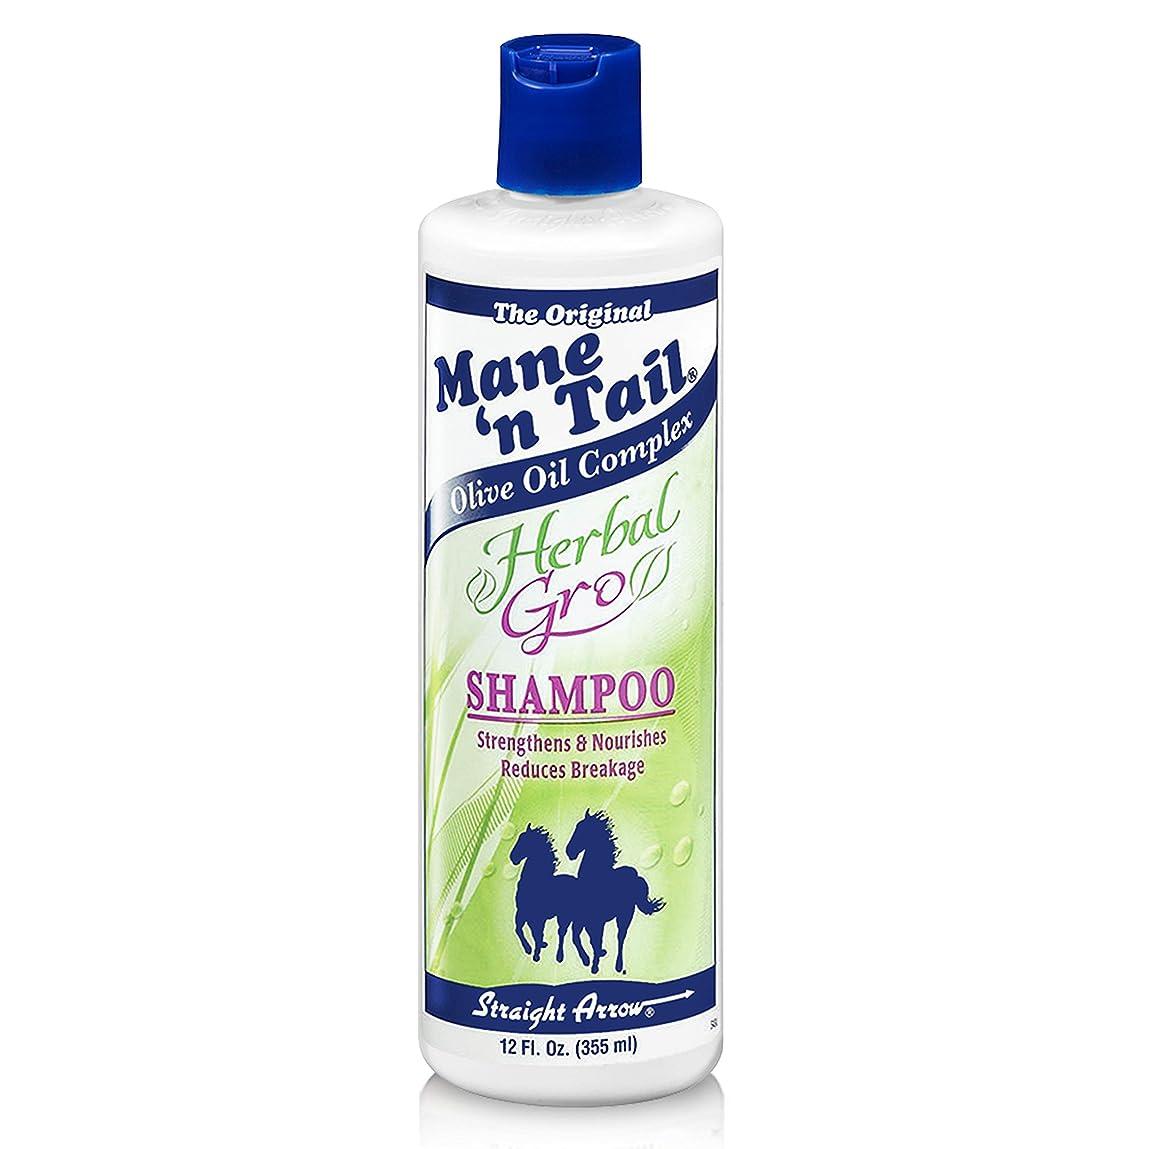 治療書き込み塩辛いストレートアローハーブ育毛シャンプー 355ml (並行輸入品)